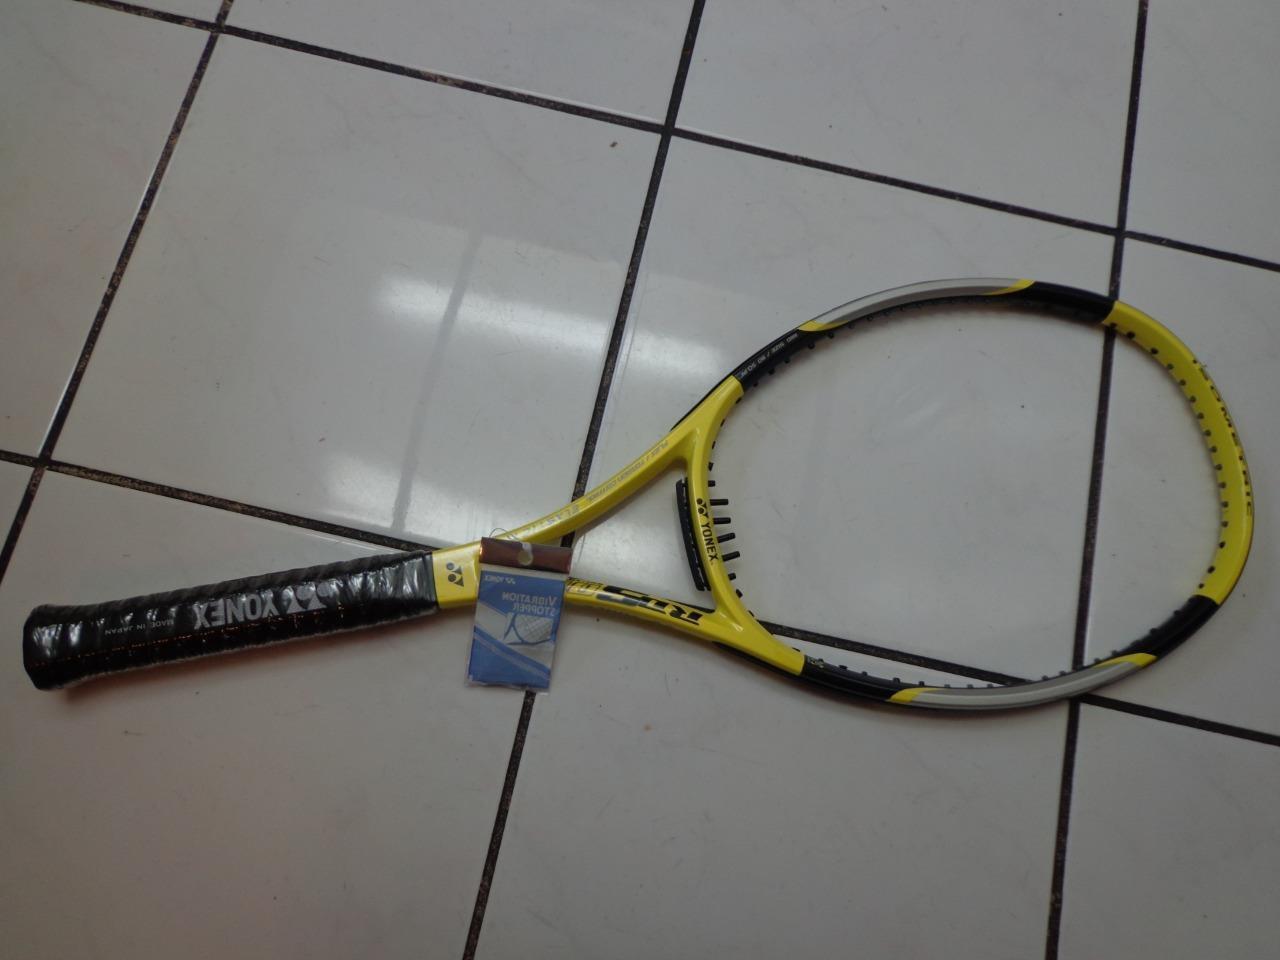 Nuevo Yonex Rds 001 90 cabeza de tamaño mediano Agarre 4 1 8 325 gramos de tenis raqueta